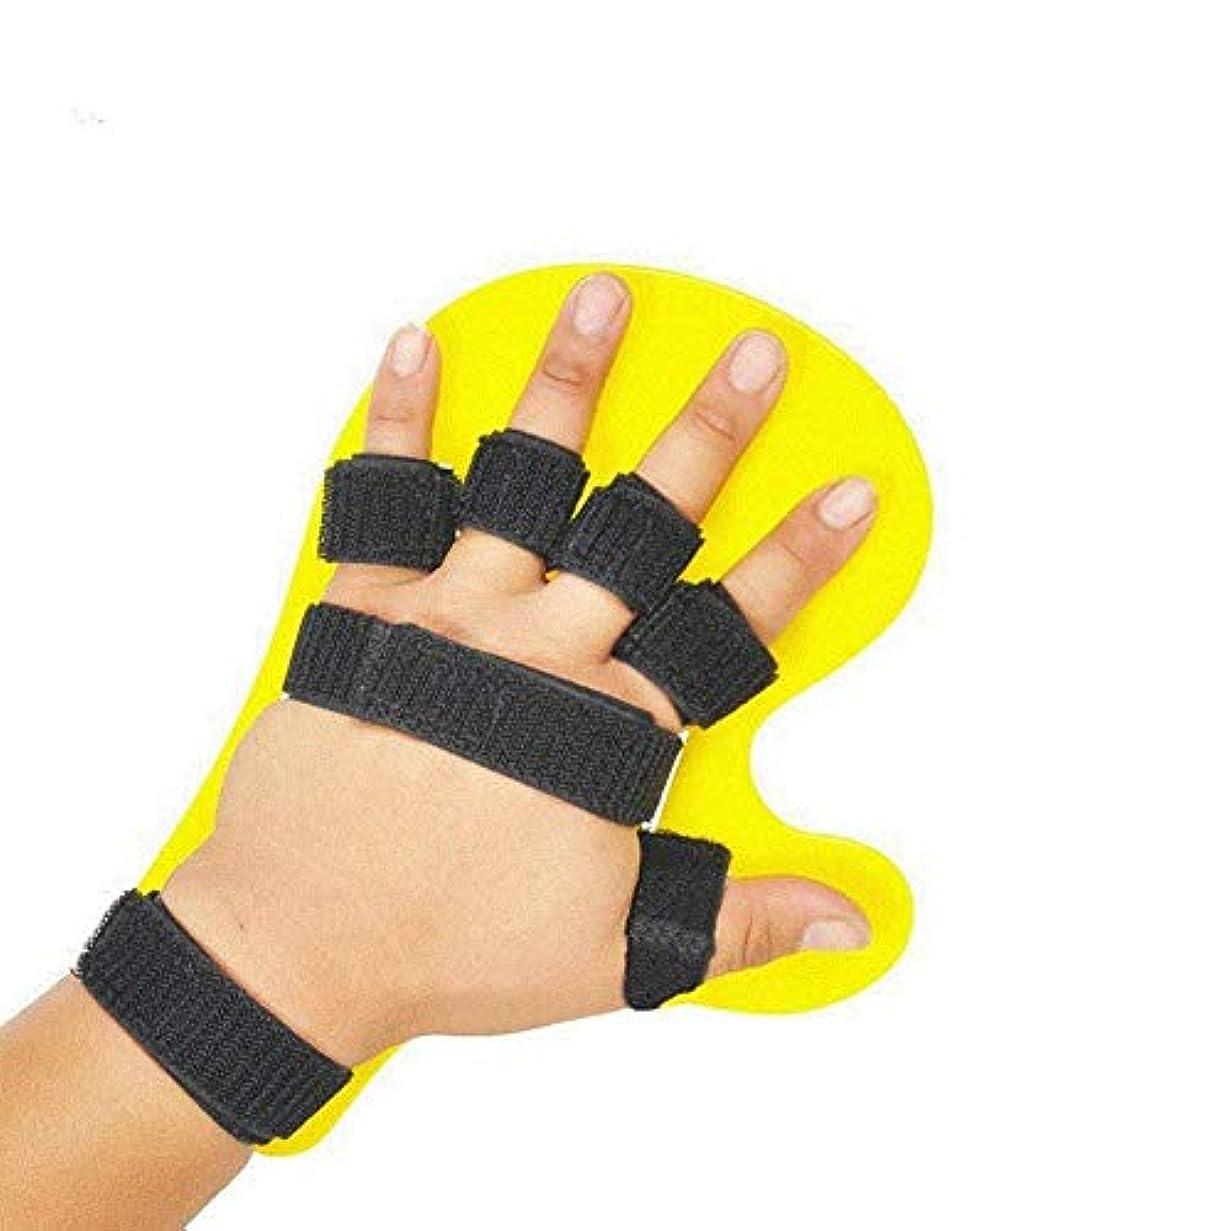 取り除く処分した油片麻痺の患者を支援するためのトリガー指スプリント、指板ハンドトレーニングABS調整可能な指リハビリ,2PCS